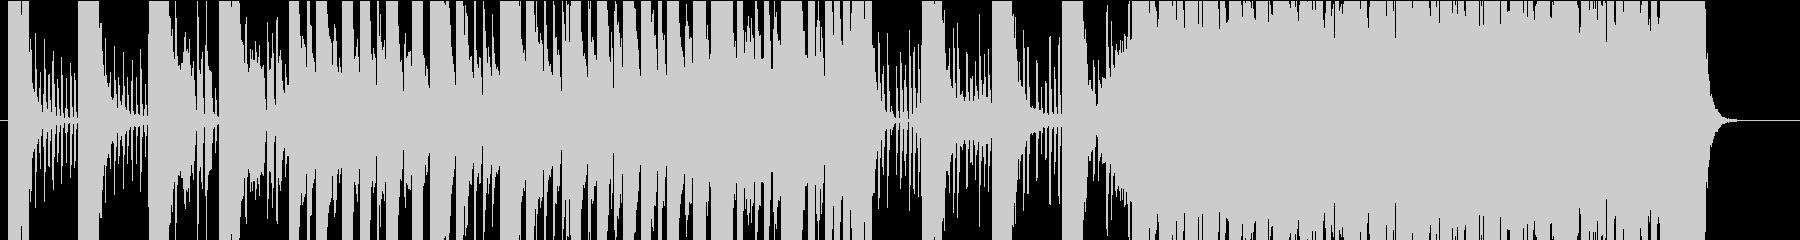 ワイルドで華麗な曲の未再生の波形